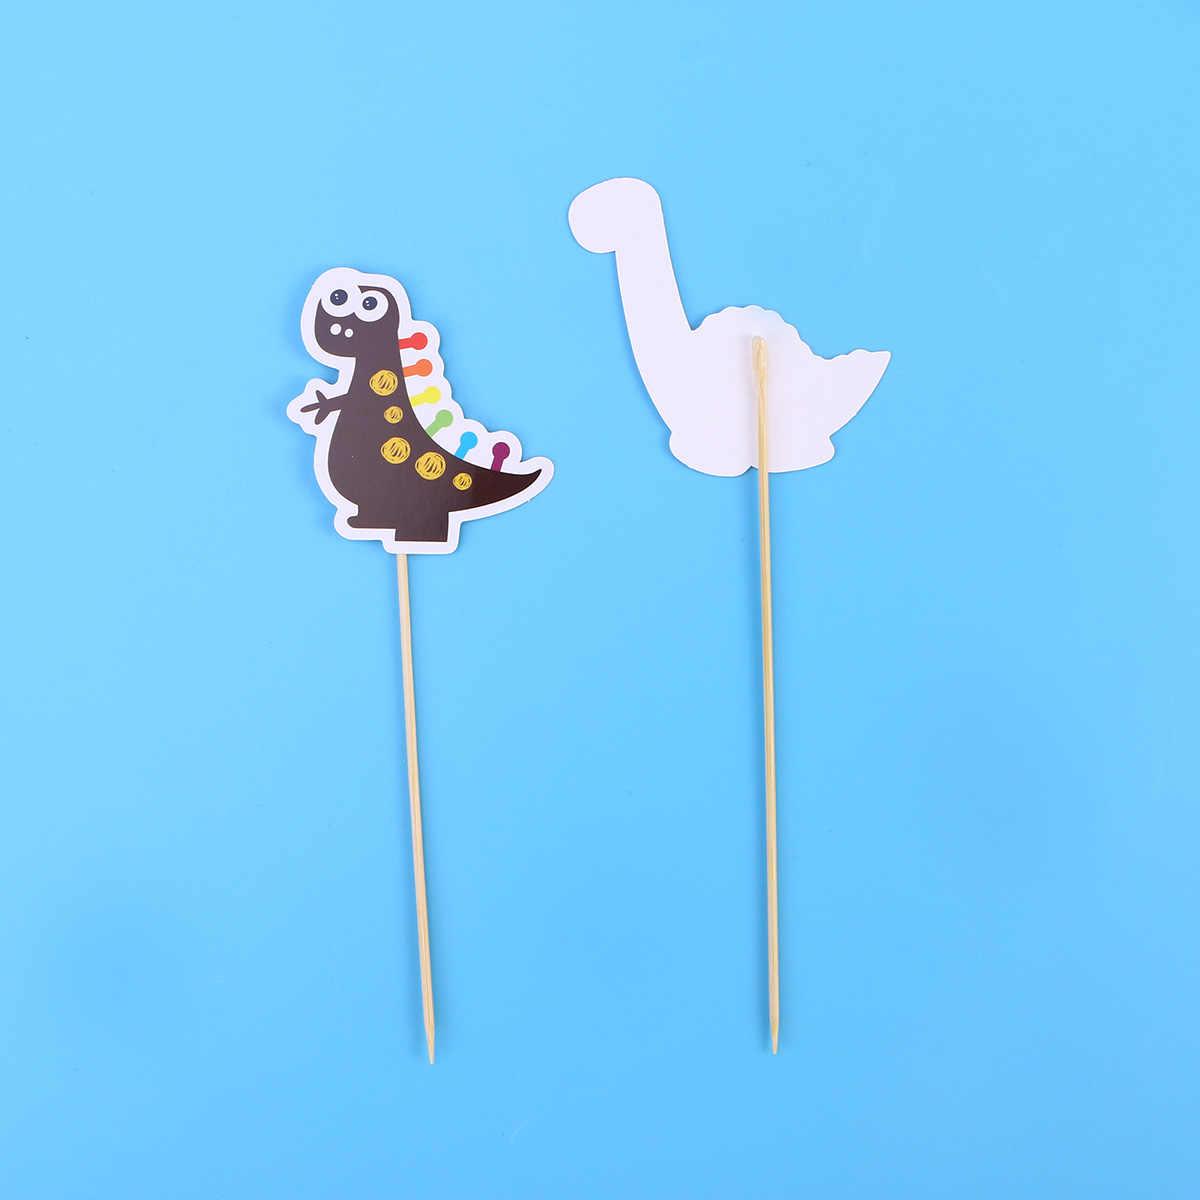 9 pcs Bonito Bolo Toppers Bolo Dinossauro Cartão da Inserção Papery Decoração Decoração De Mesa para Crianças Festa de Aniversário Do Queque